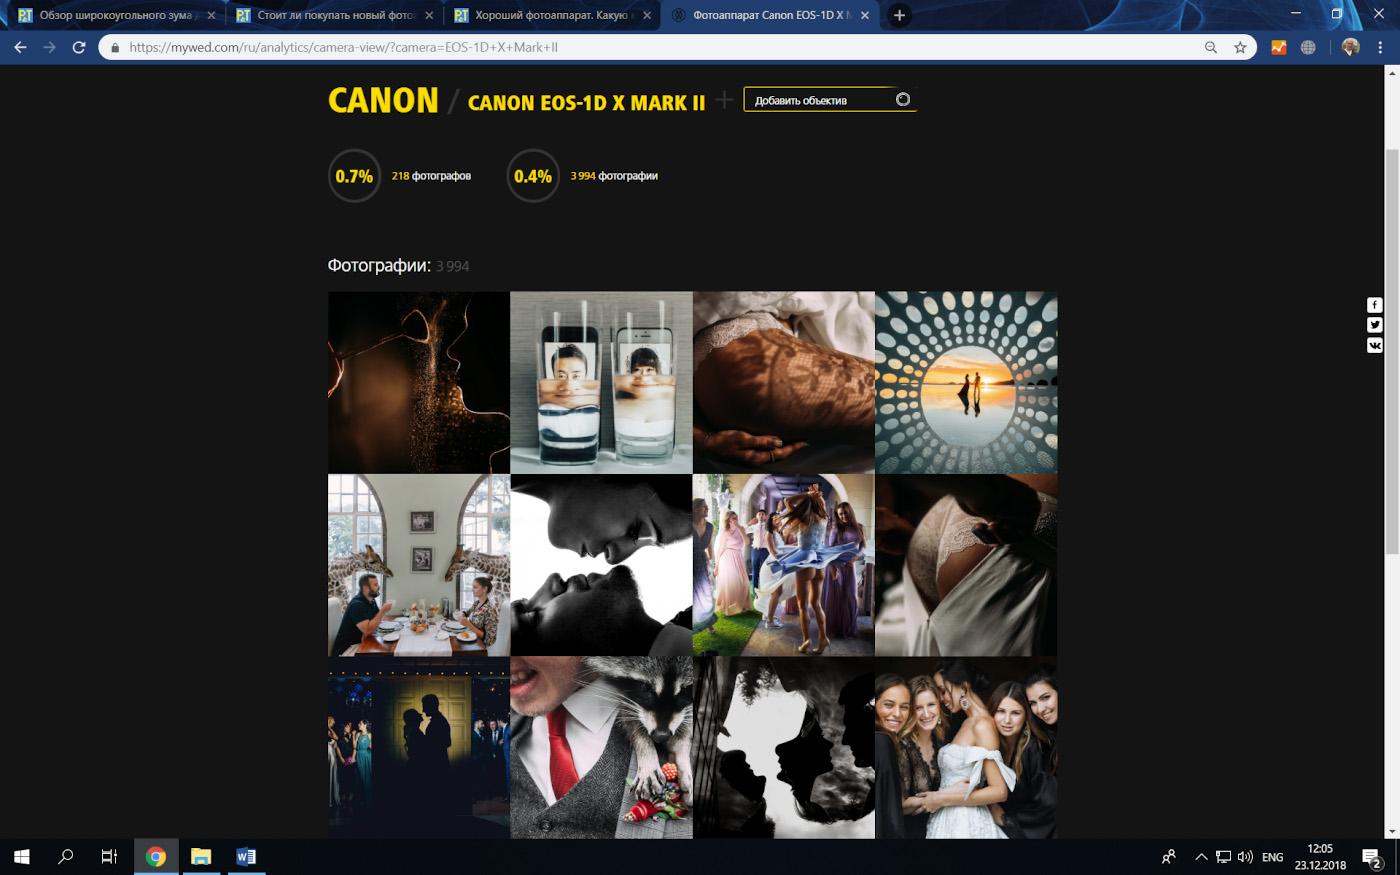 Фото 38. Примеры использования полнокадровой профессиональной камеры Canon EOS 1D X Mark II для свадебной съемки. Выбираем, какой фотоаппарата купить.